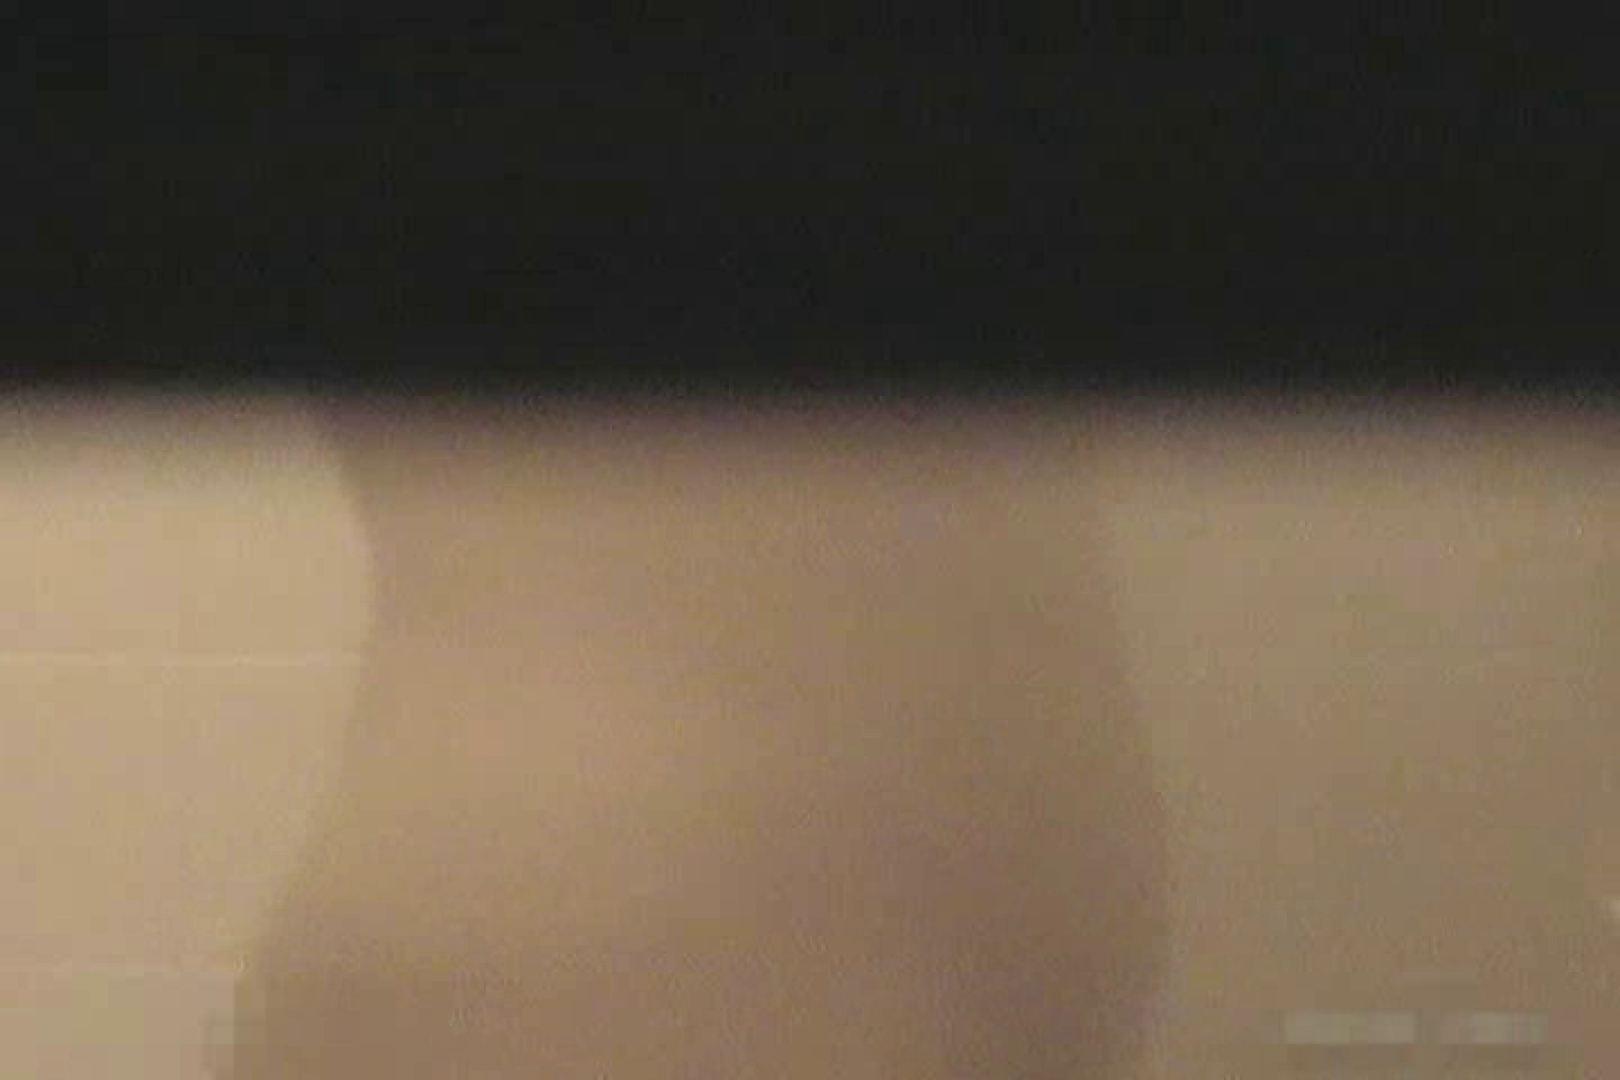 激撮ストーカー記録あなたのお宅拝見しますVol.6 独占盗撮 スケベ動画紹介 69連発 7